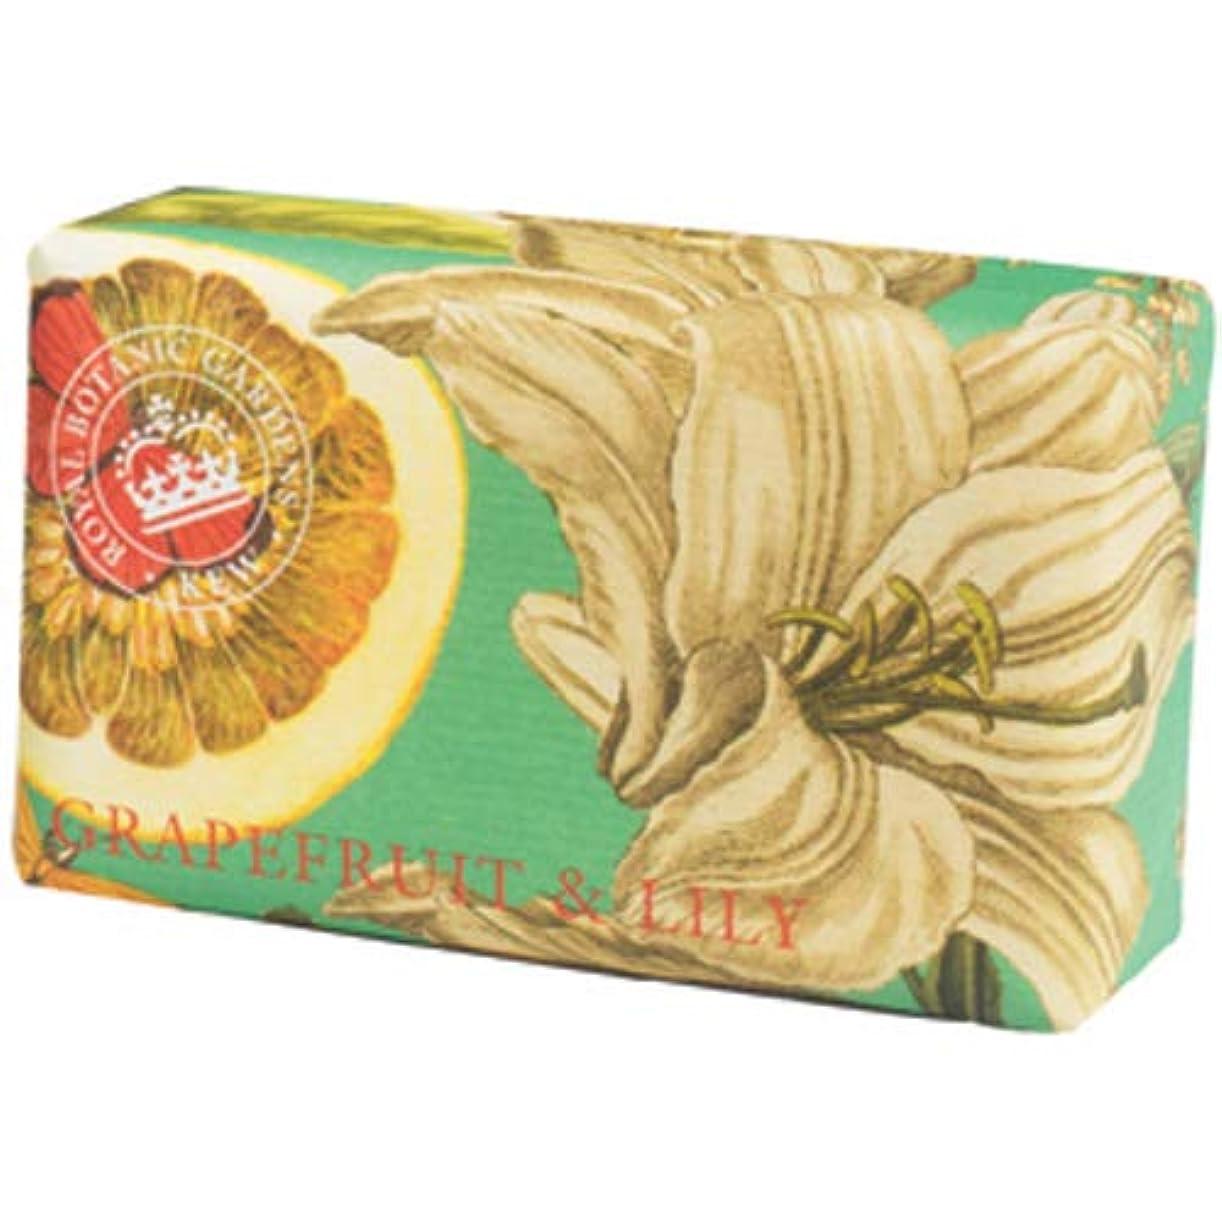 追加補充代わってEnglish Soap Company イングリッシュソープカンパニー KEW GARDEN キュー?ガーデン Luxury Shea Soaps シアソープ Grapefruit & Lily グレープフルーツ&リリー